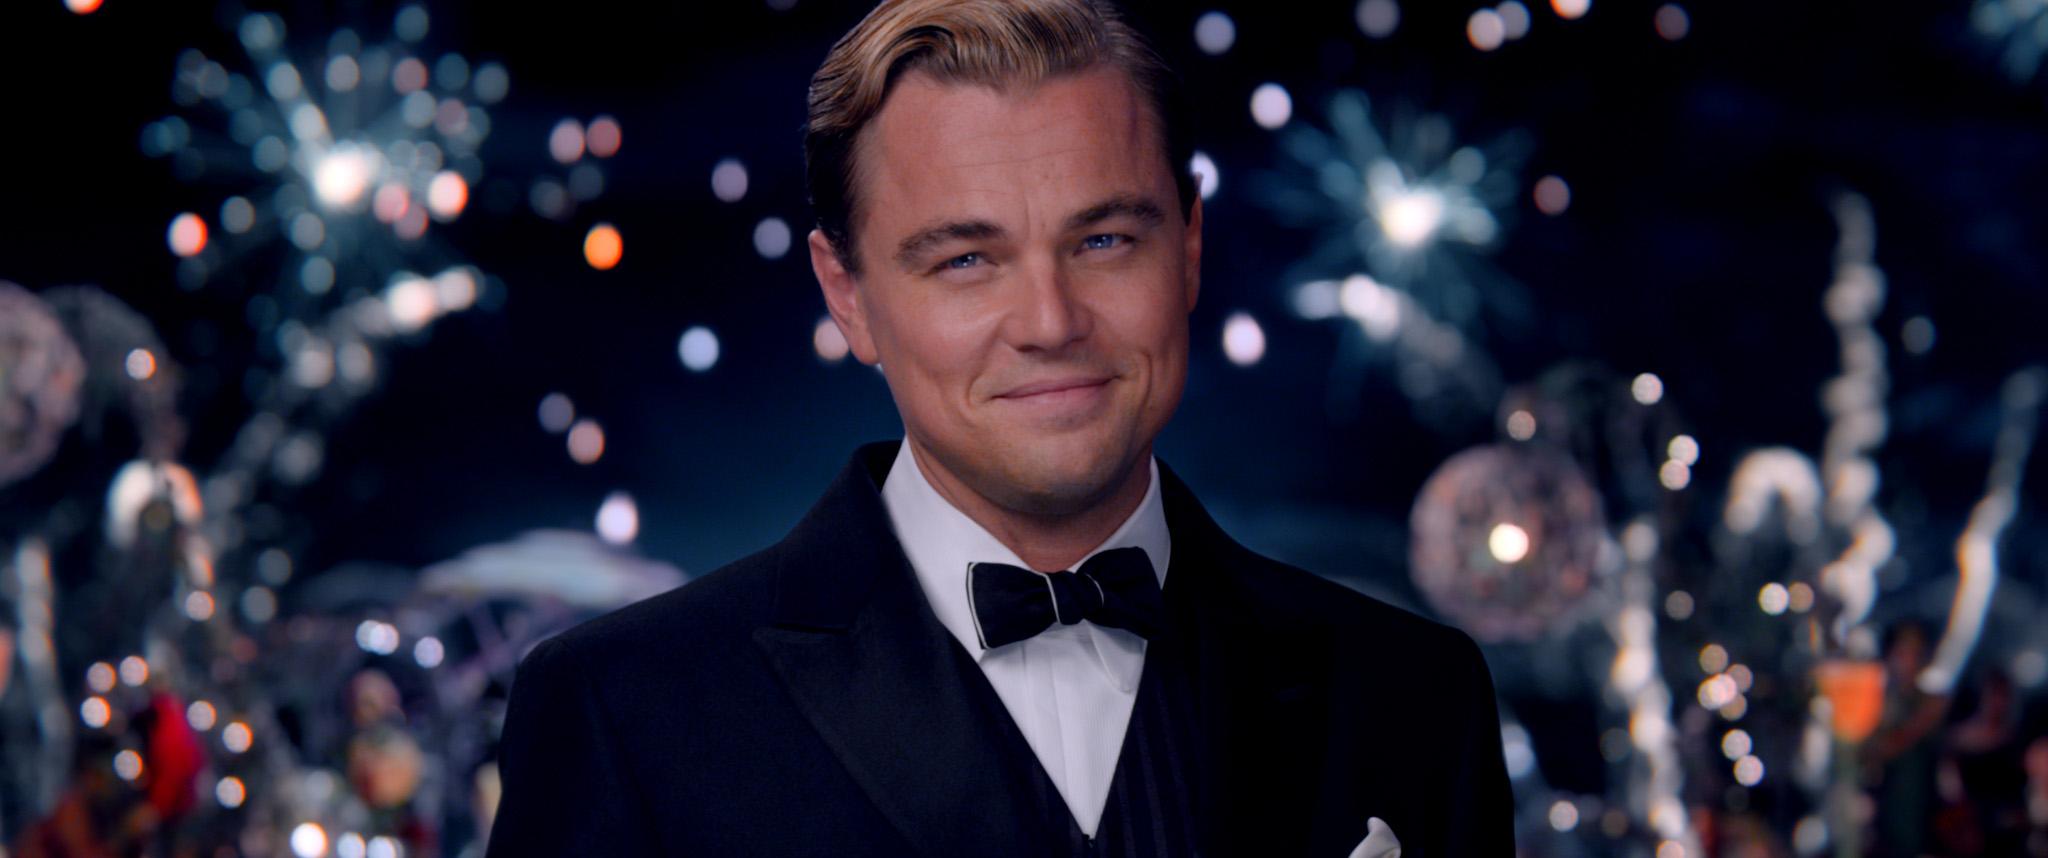 Premorete karizmo Jay Gatsbyja?